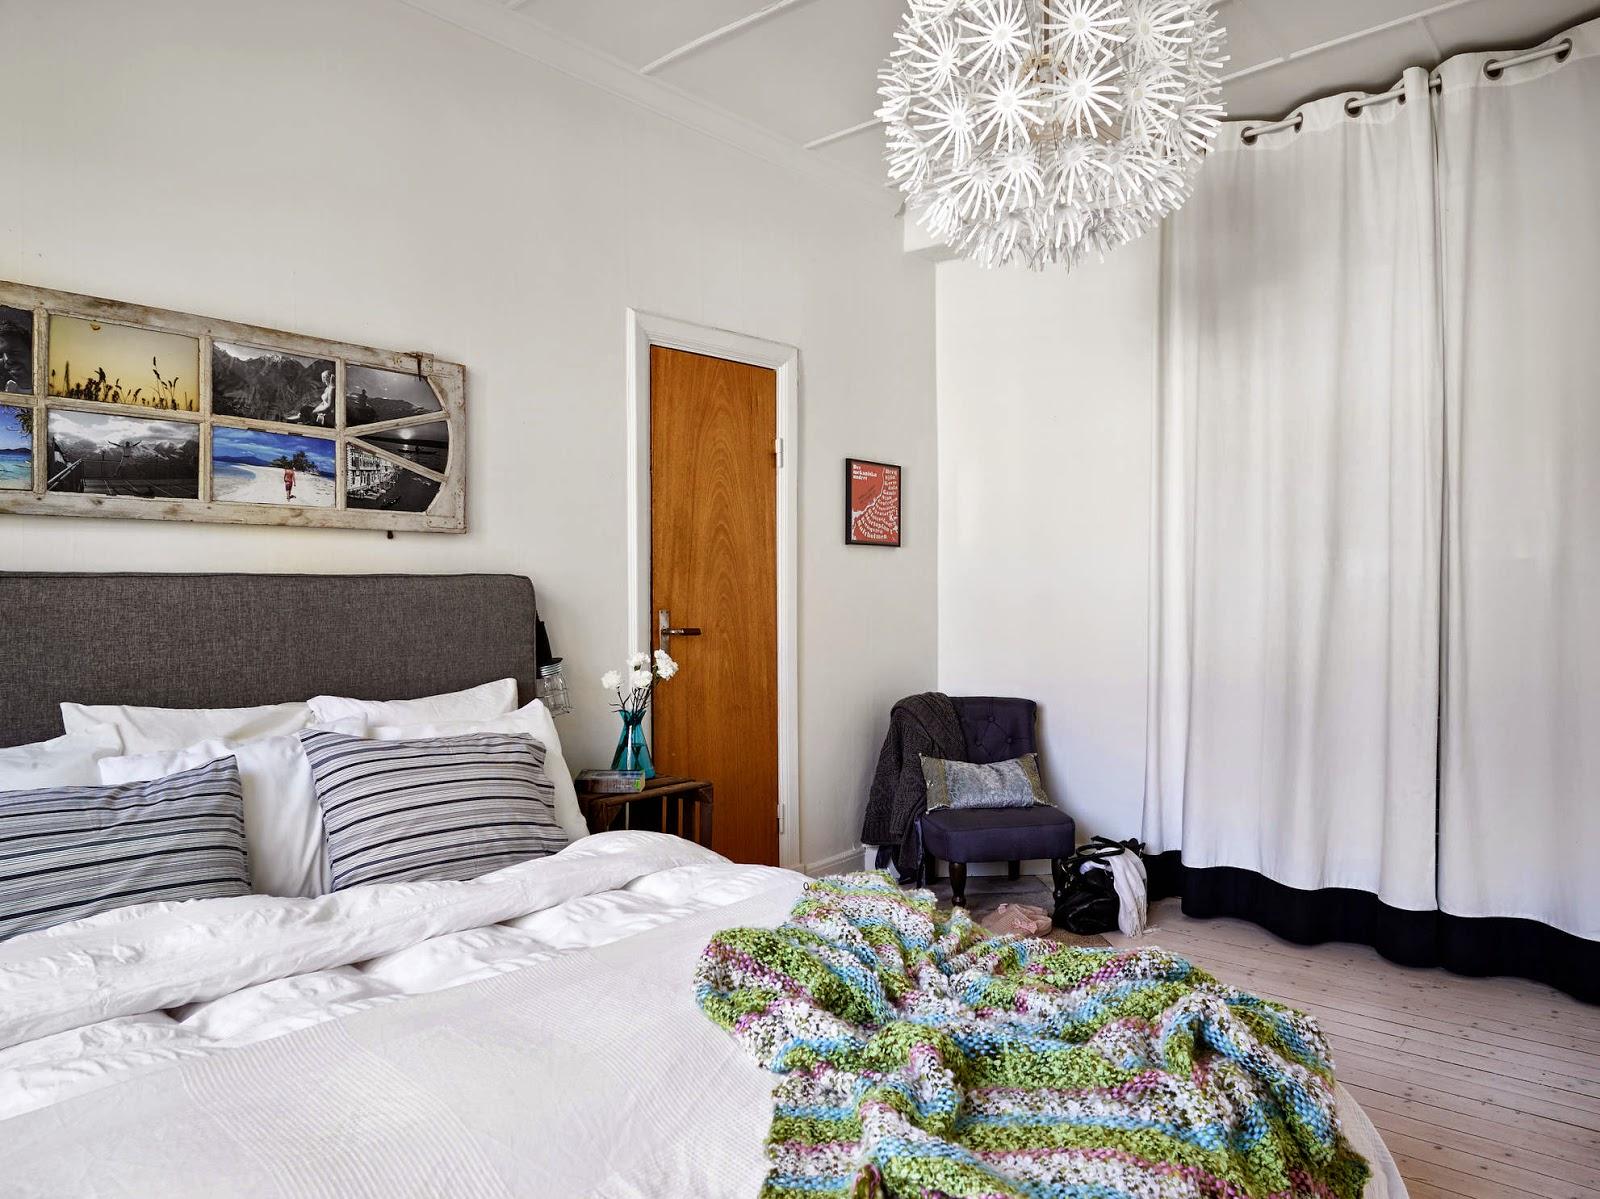 Inspiraci n deco estilo n rdico en madera y negro tr s studio blog de decoraci n - Cabecero estilo escandinavo ...